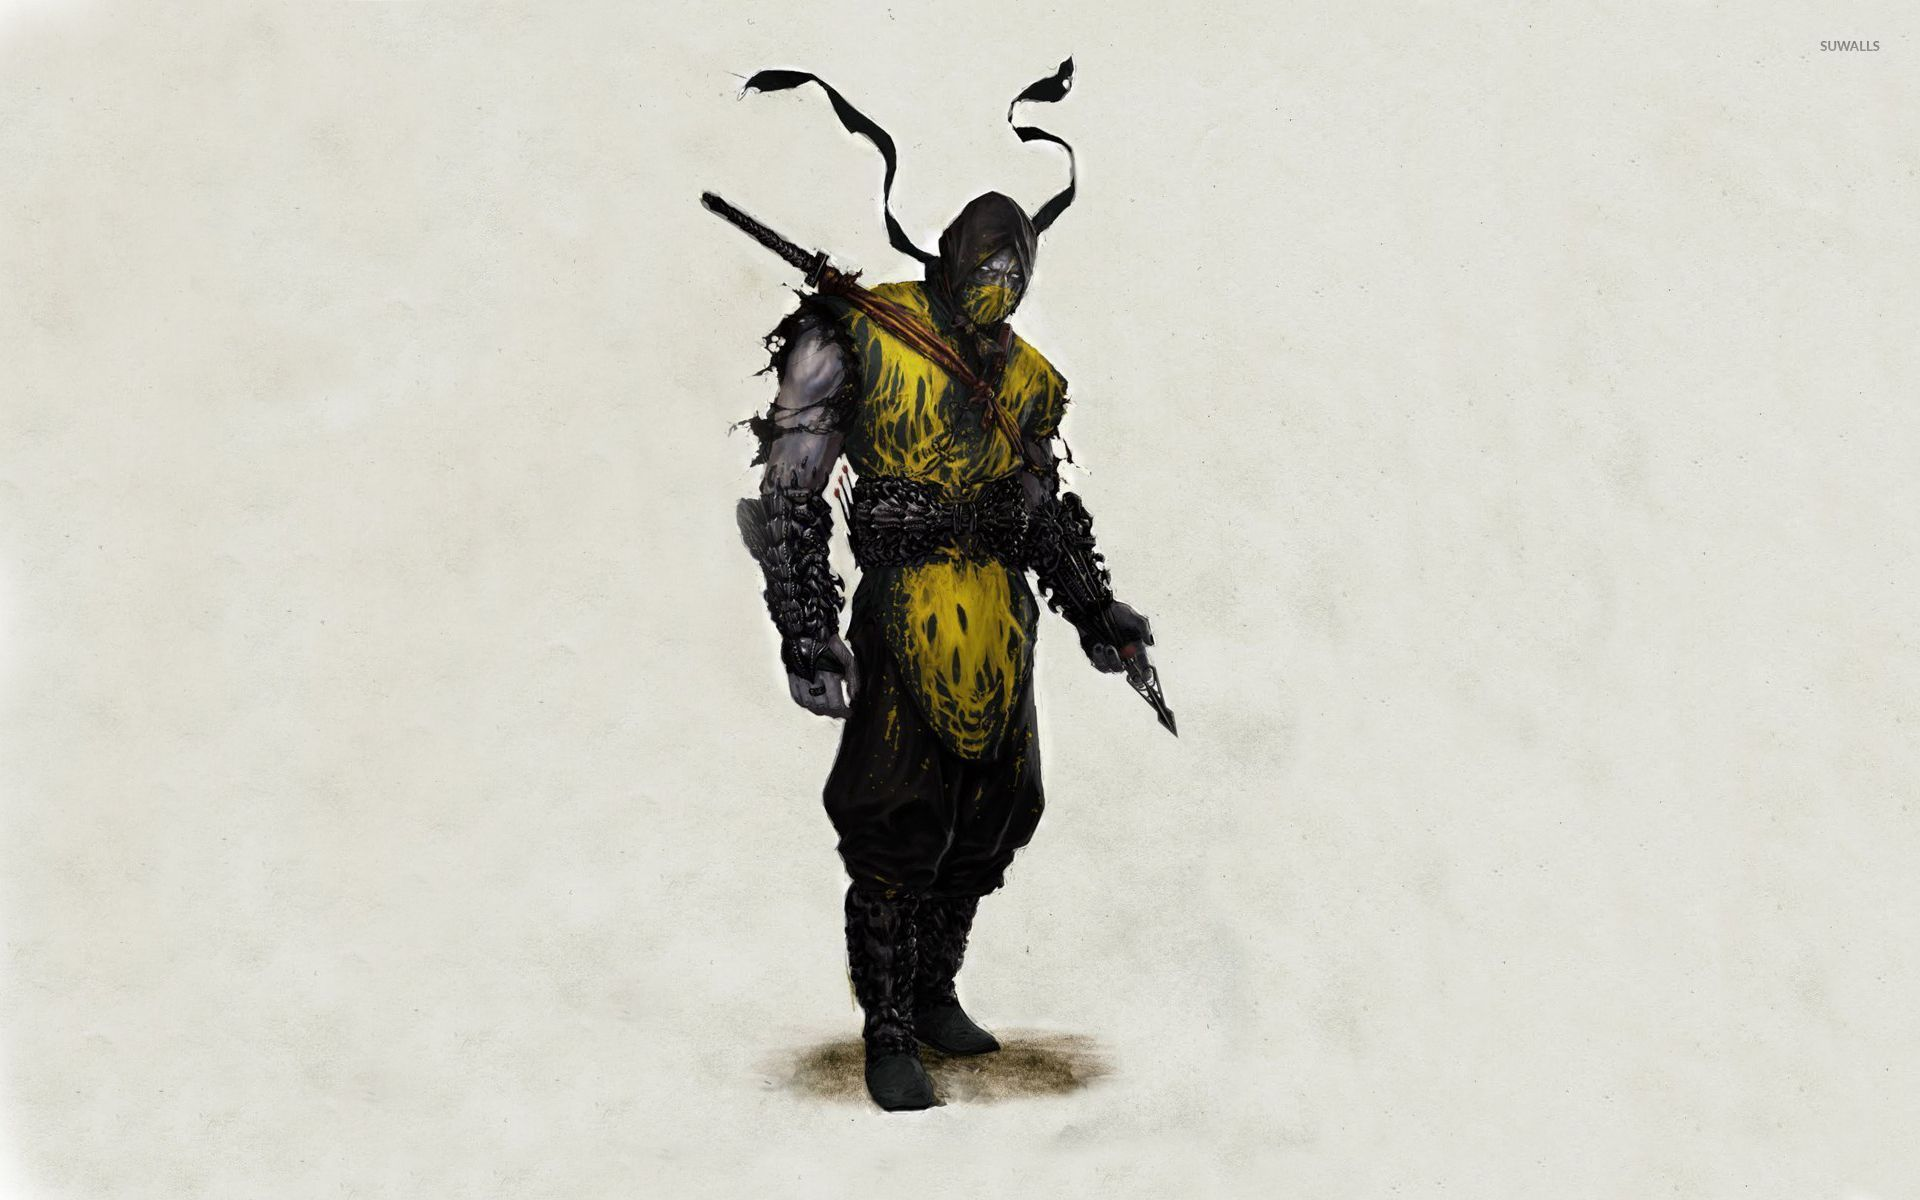 scorpion in mortal kombat wallpaper - game wallpapers - #52638